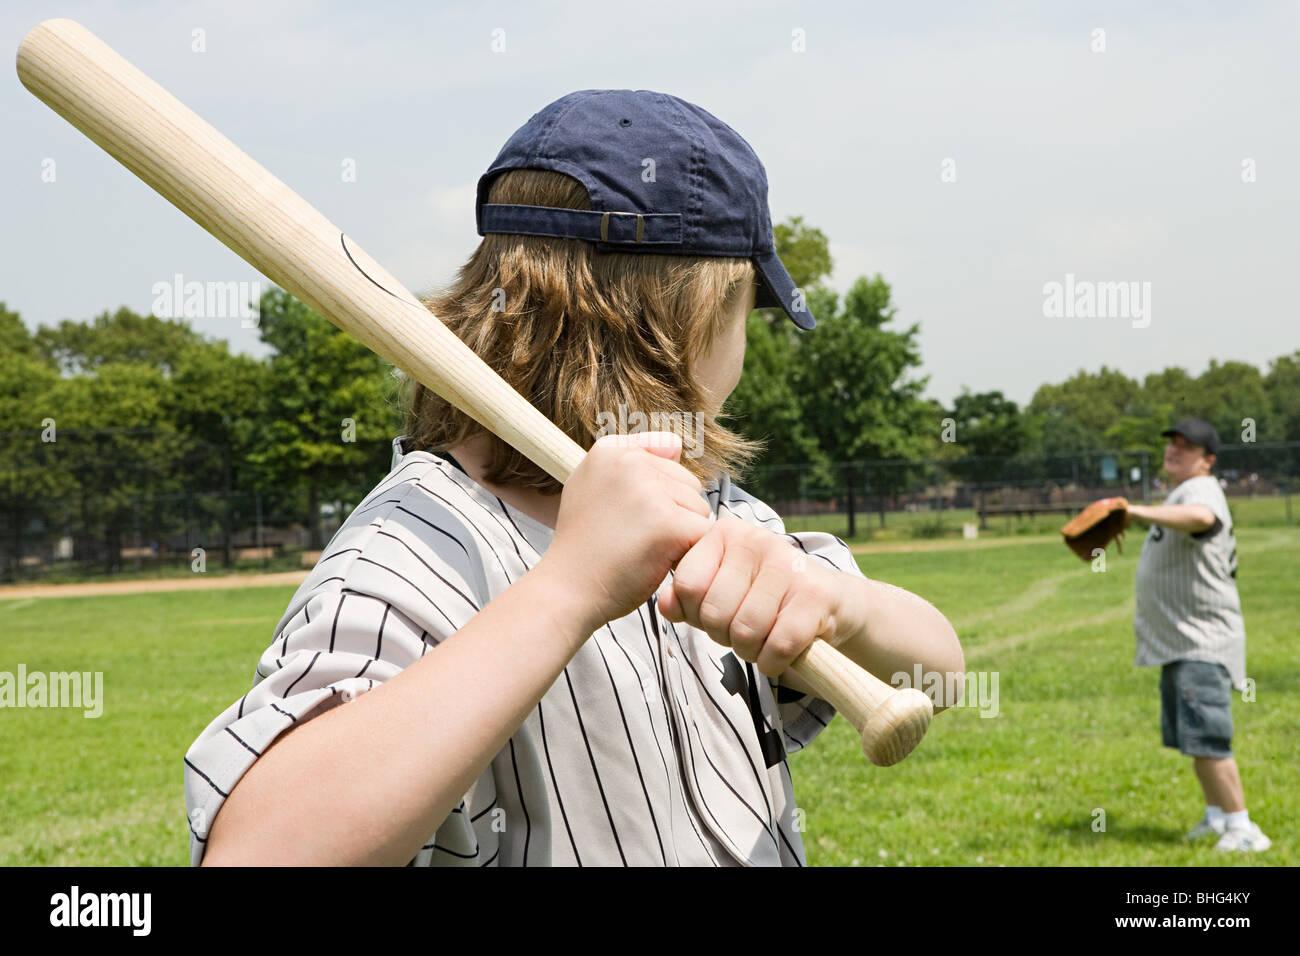 Padre e figlio a giocare a baseball Immagini Stock